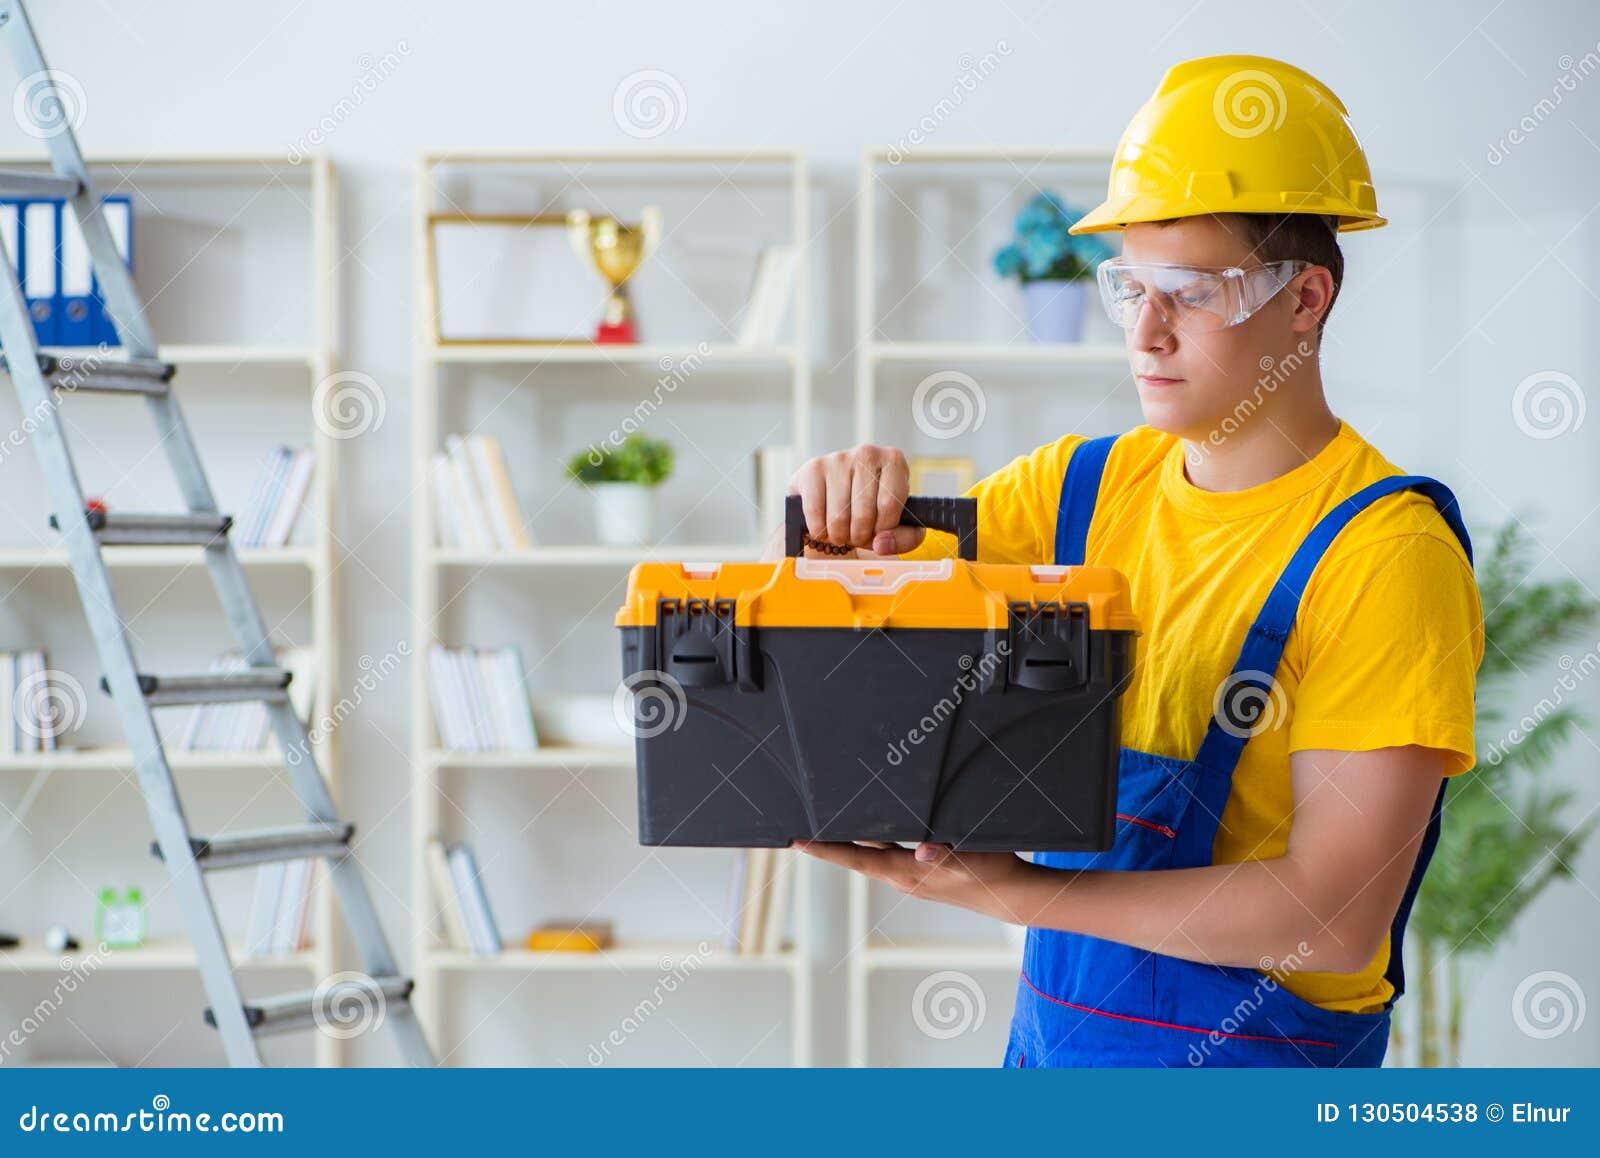 Der junge Auftragnehmer, der Reparatur tut, arbeitet im Büro